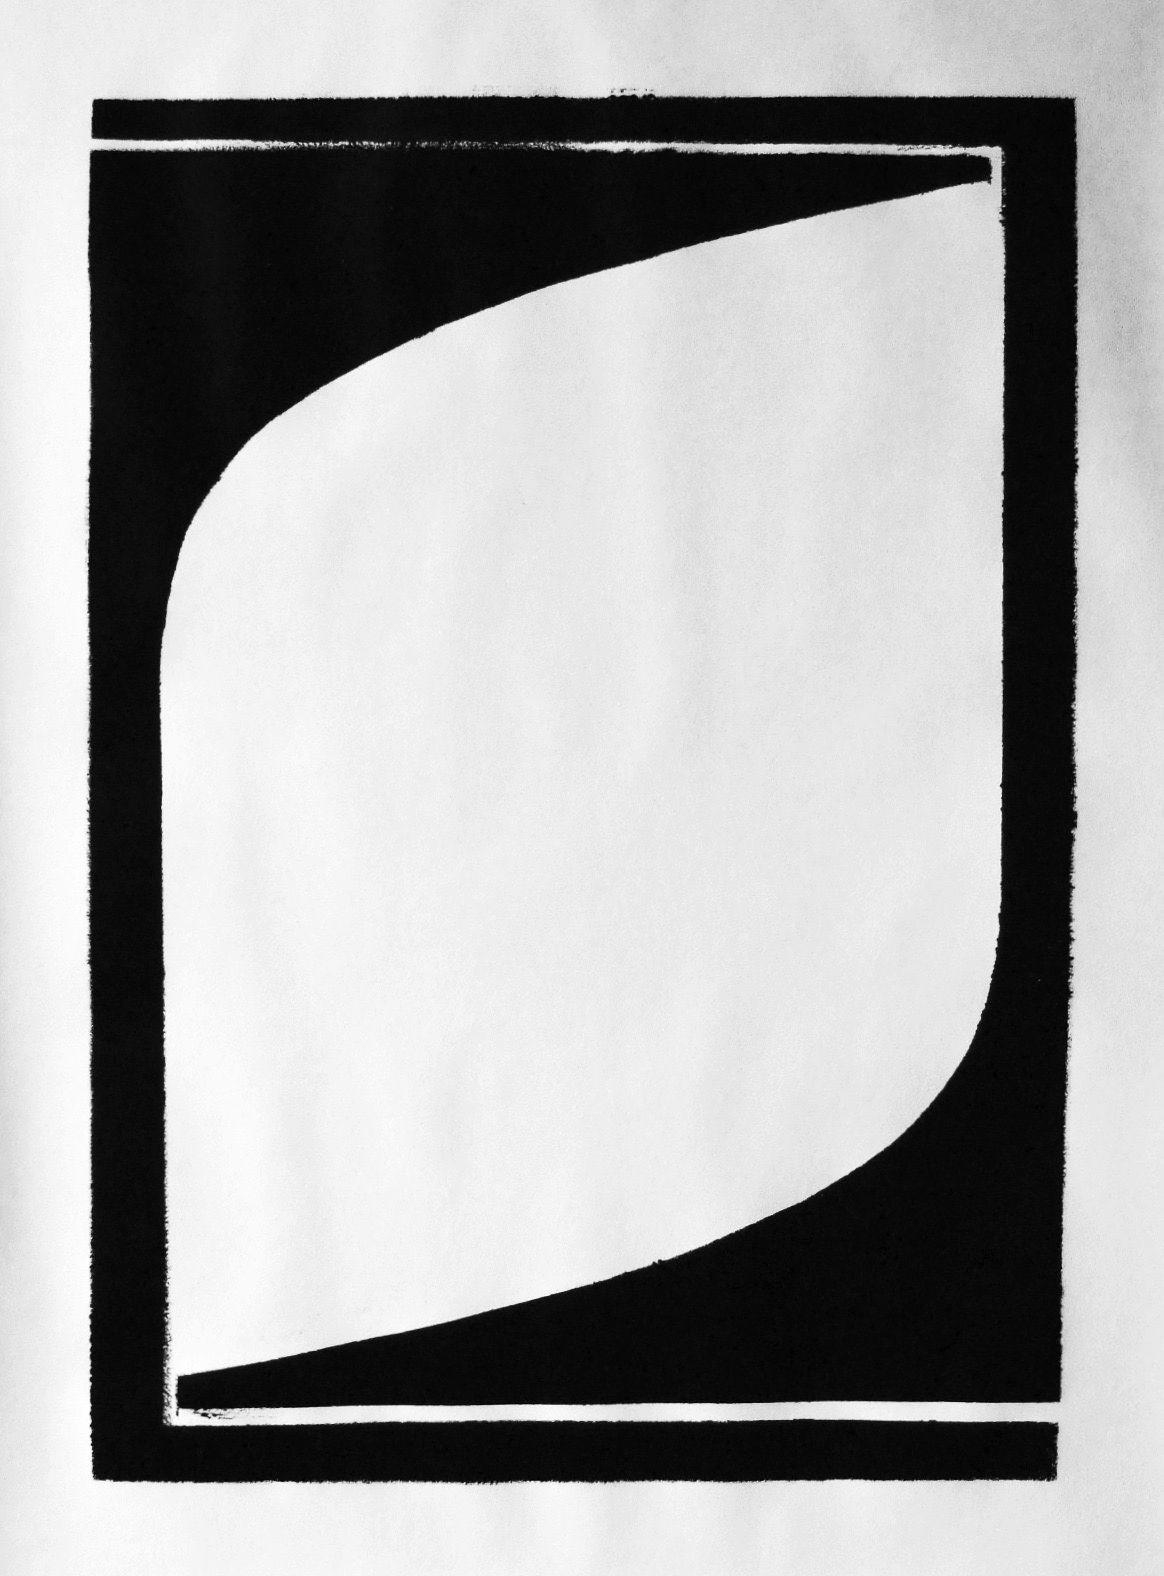 Sanduhr schwarz weiß  Pin von Leonie Demunck auf Thread | Pinterest | Sanduhr